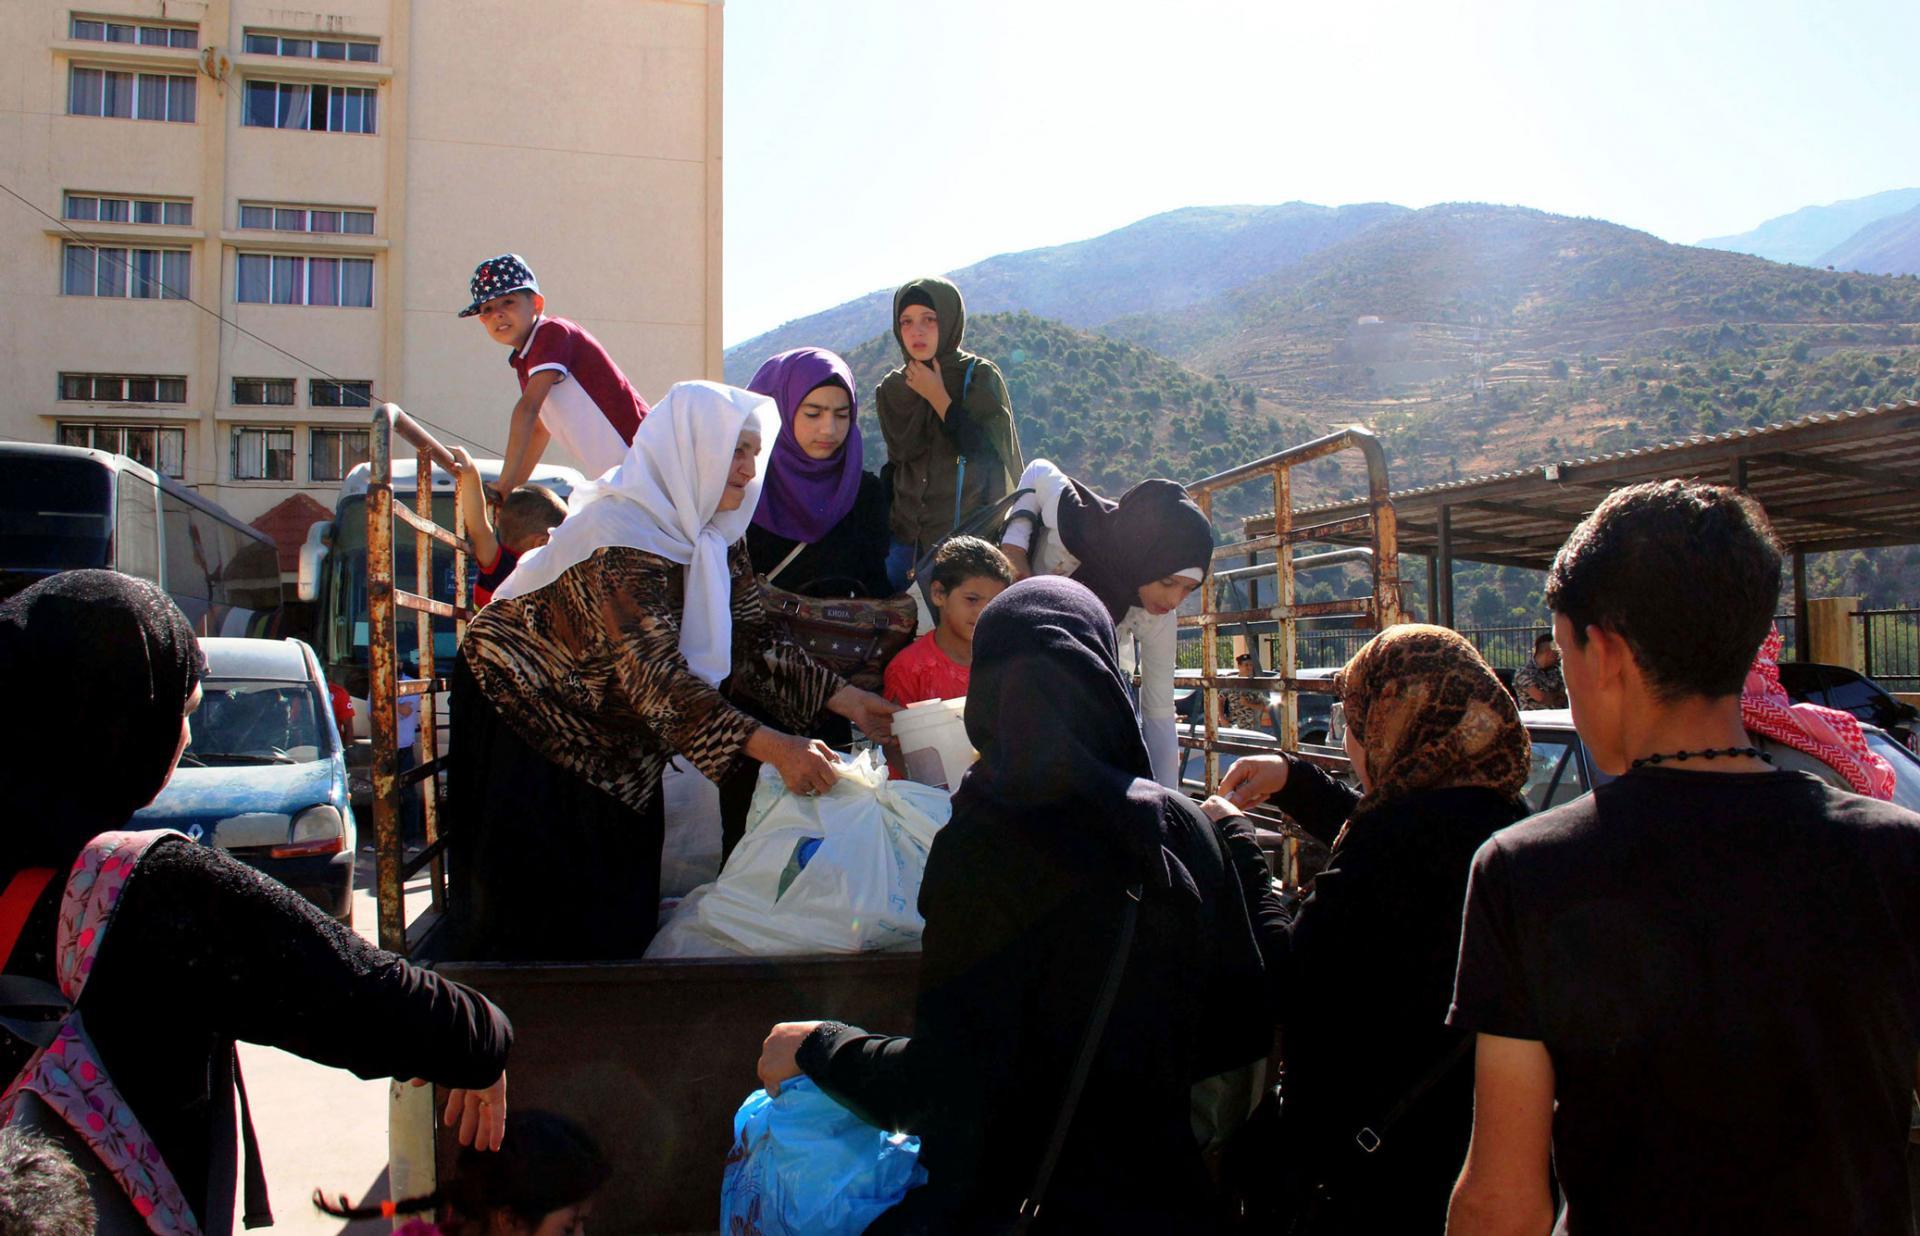 بتنسيق مع النظام.. الحكومة اللبنانية تقر خطة لإعادة اللاجئين السوريين